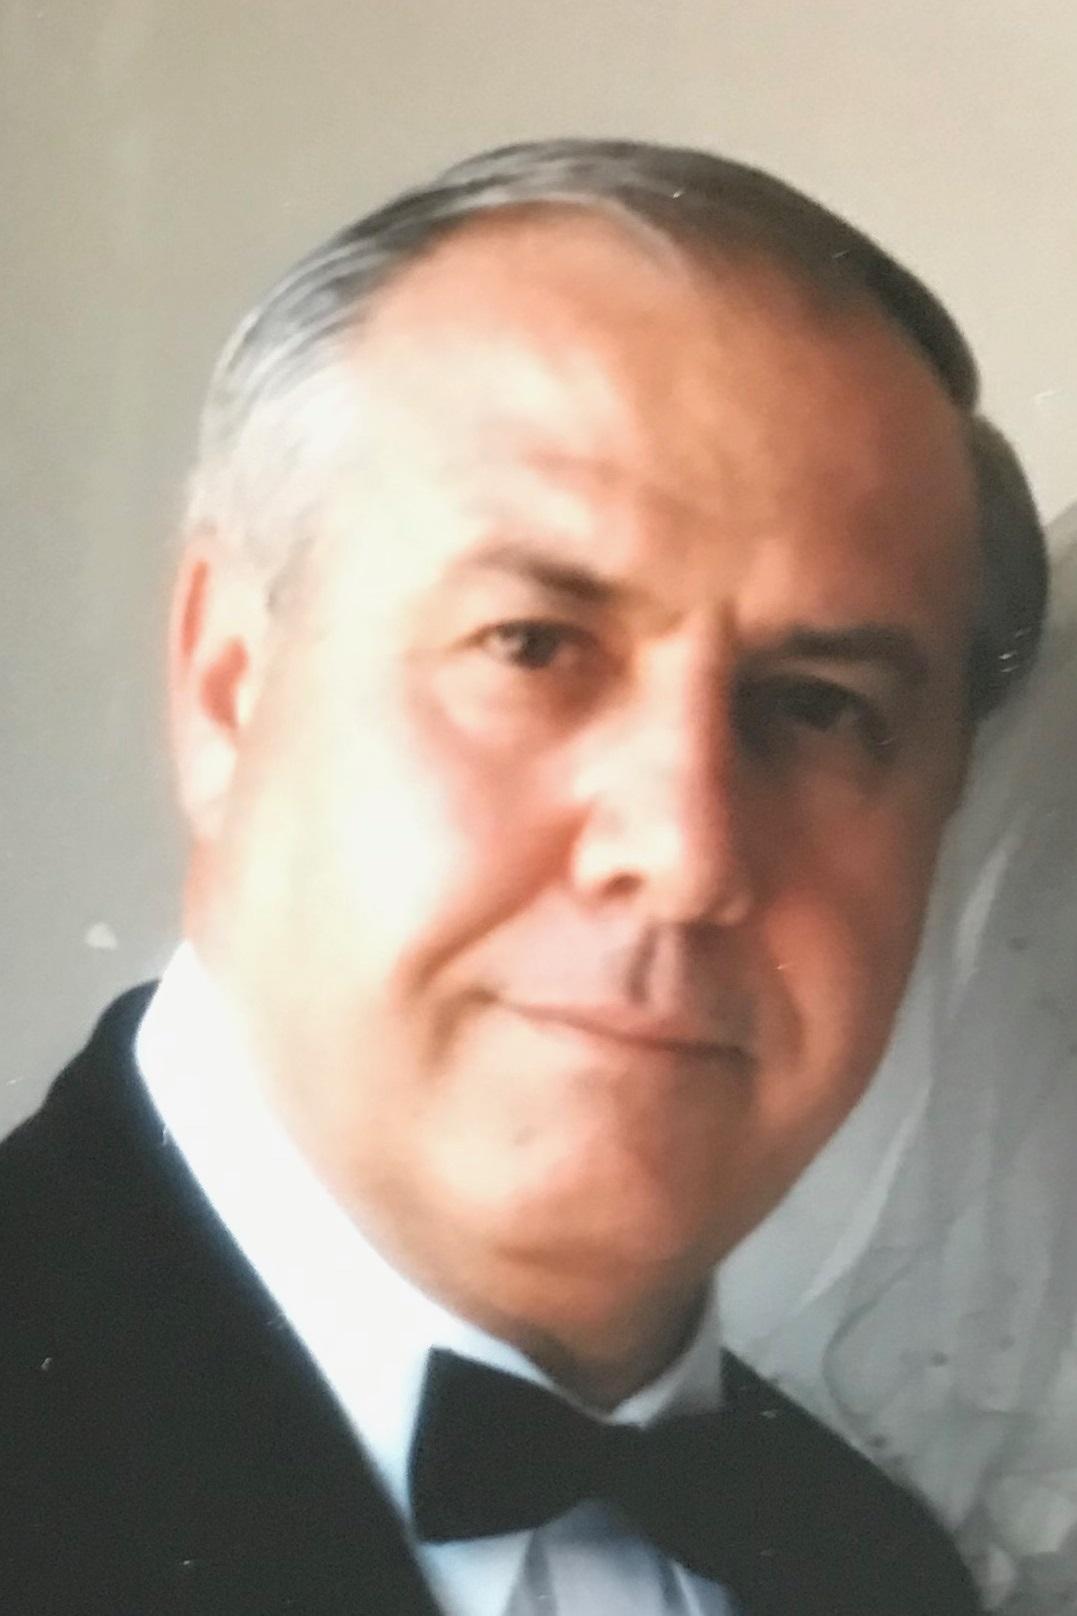 Antonio Di Nunzio